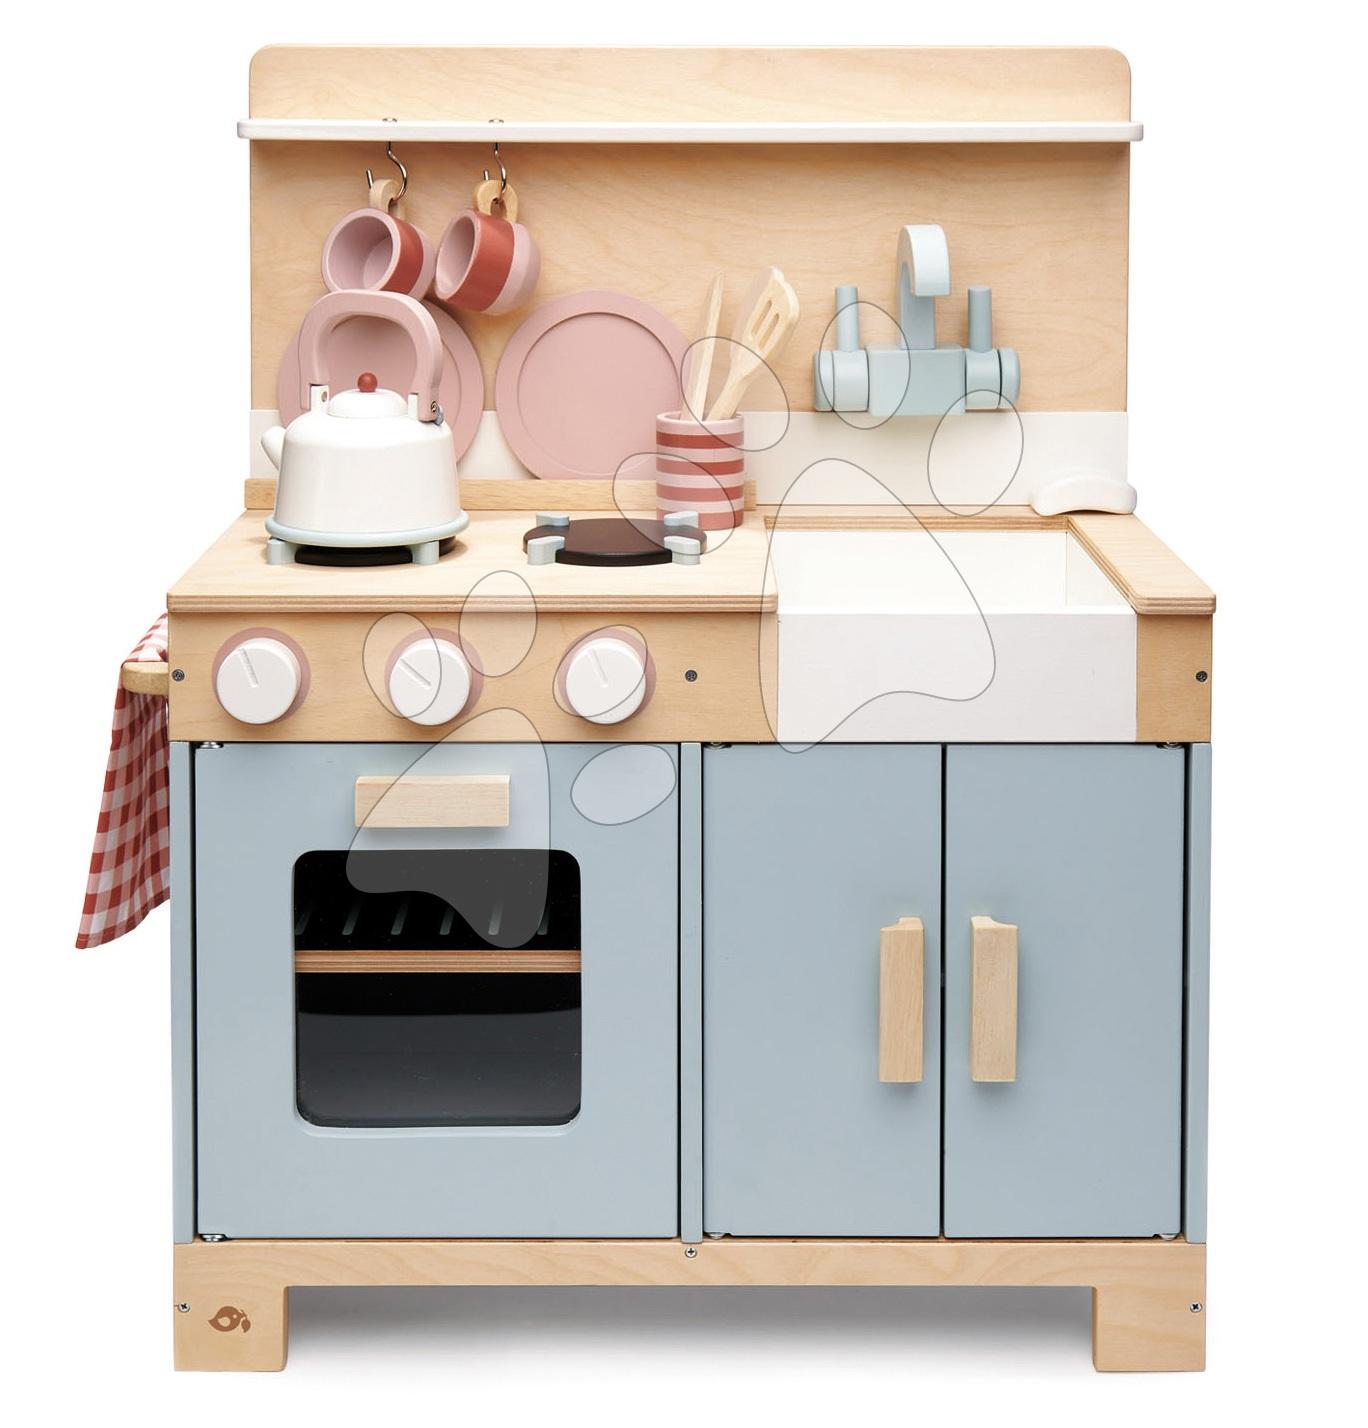 Dřevěná kuchyňka s chlebem Home Kitchen Tender Leaf Toys s čajníkem, šálky a nádobím